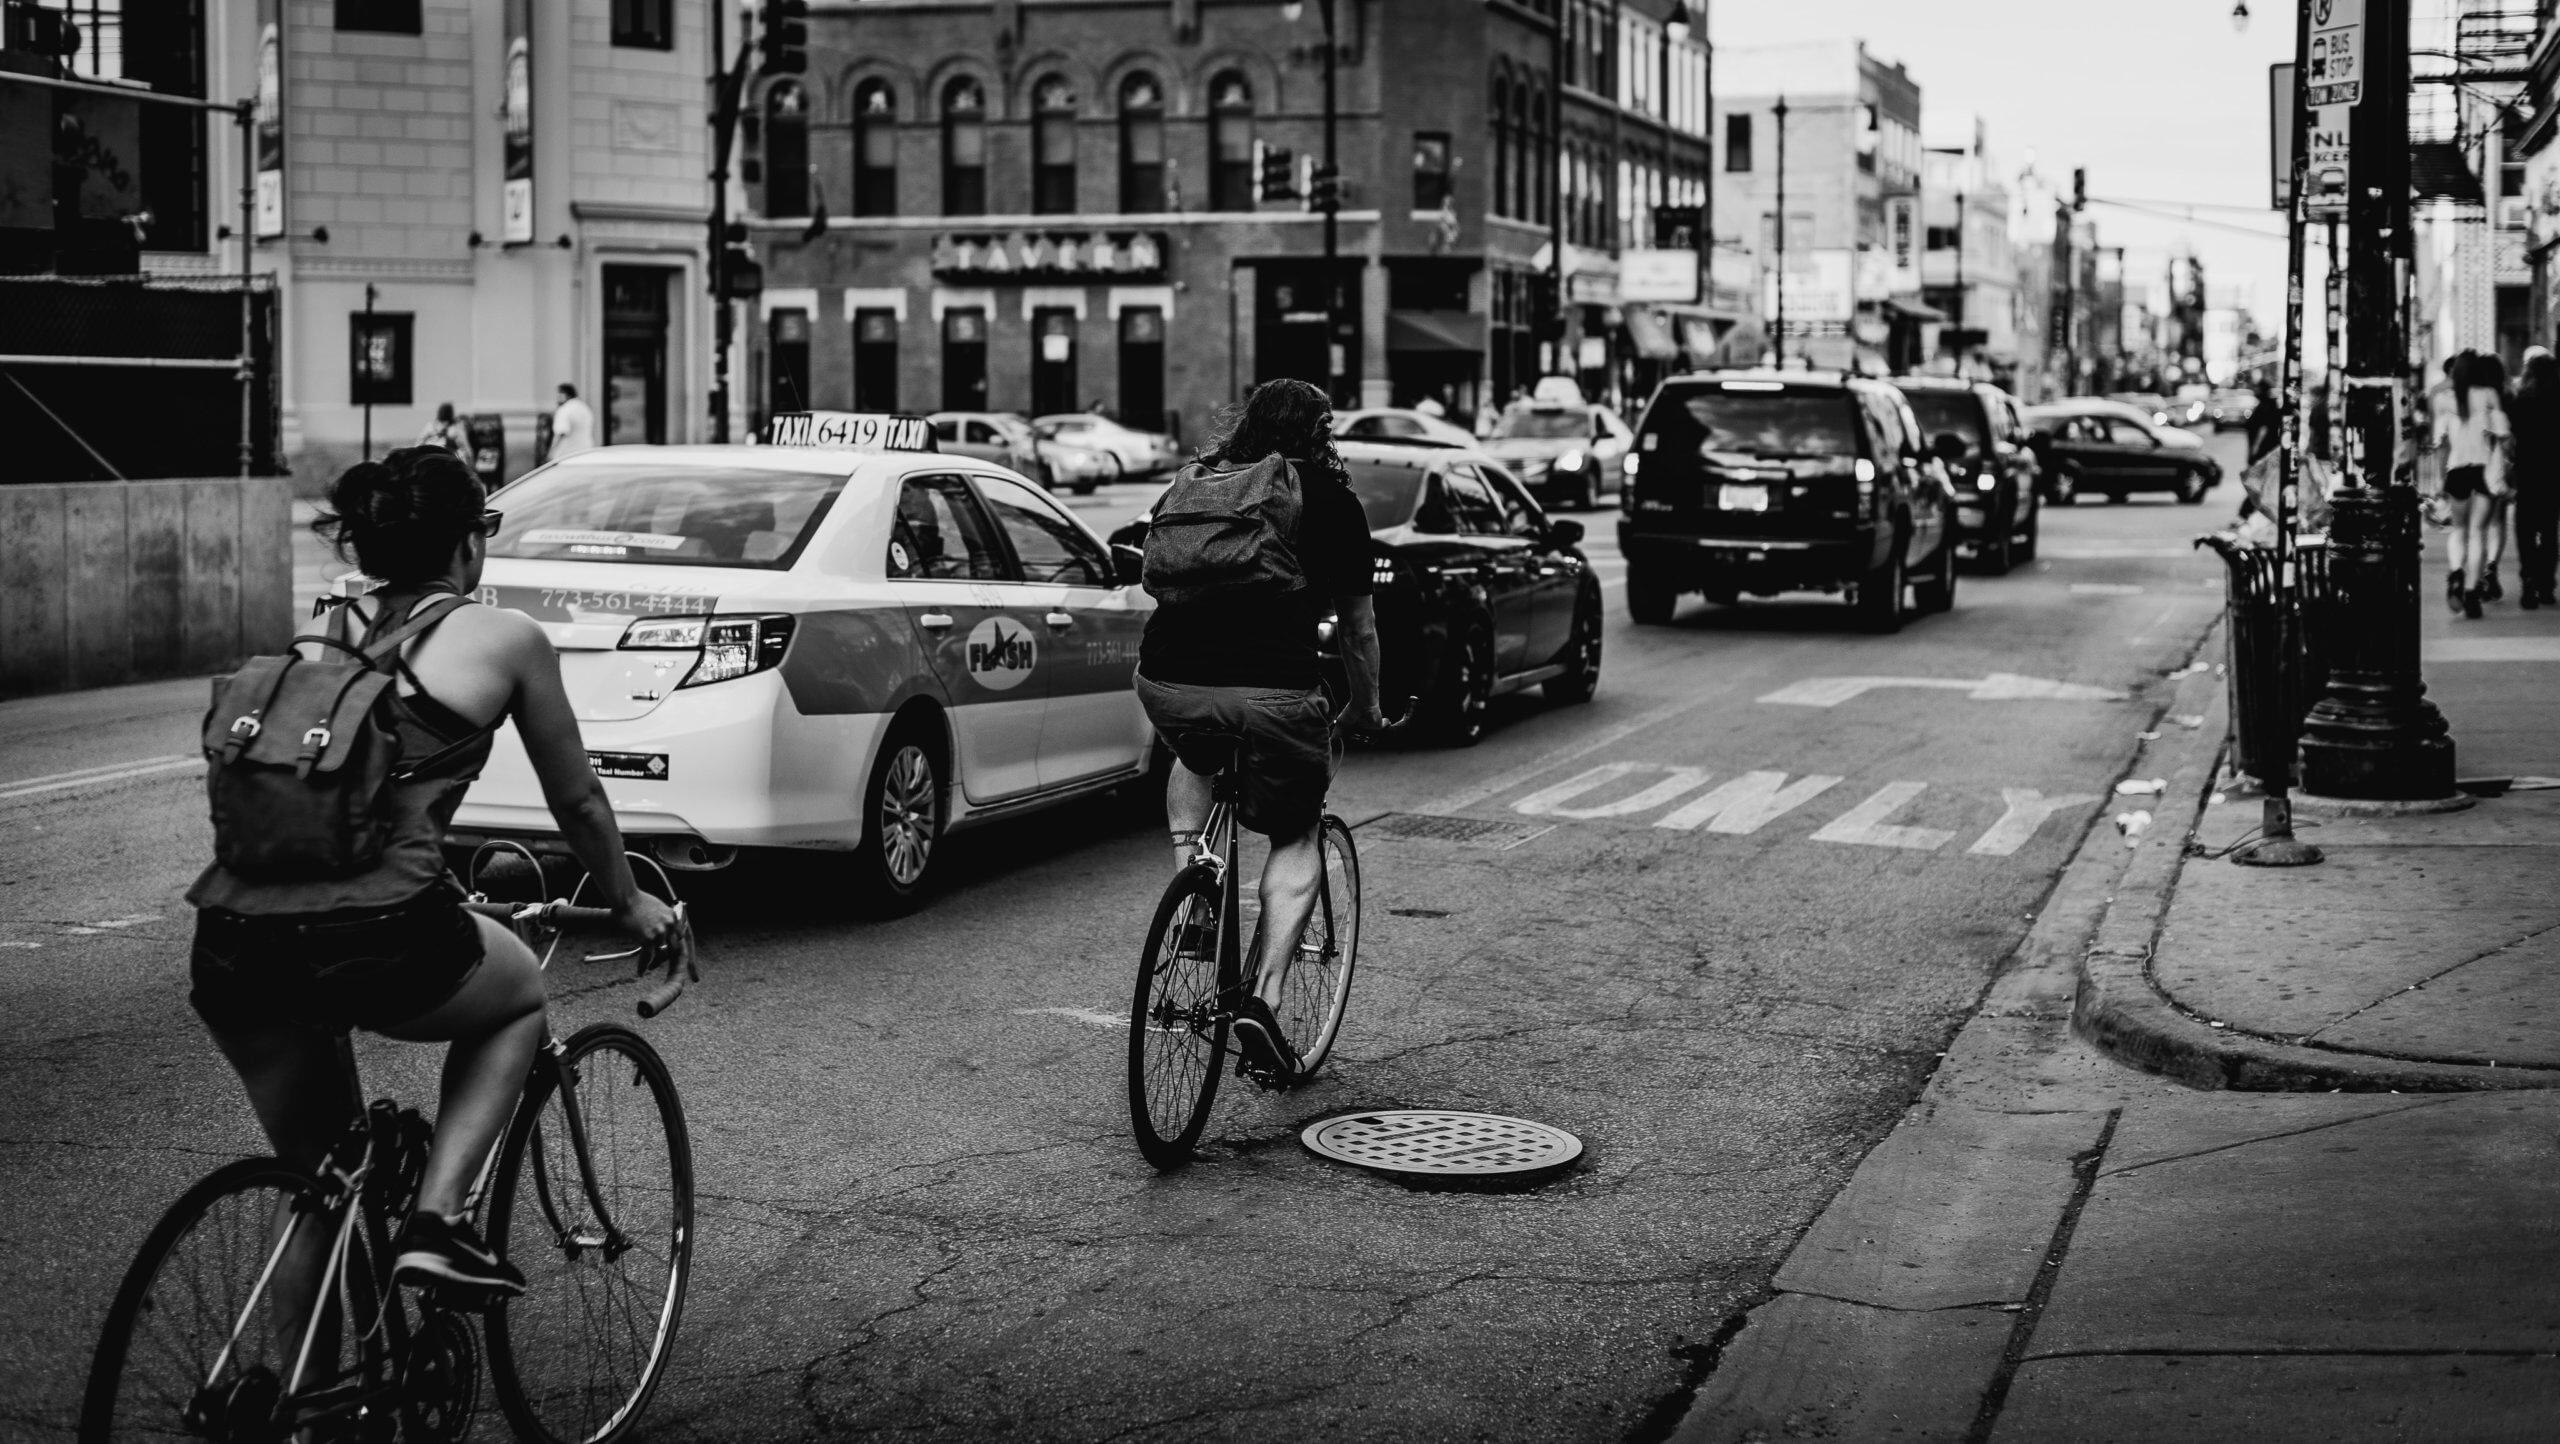 Dutch Reach Cyclist in the Street